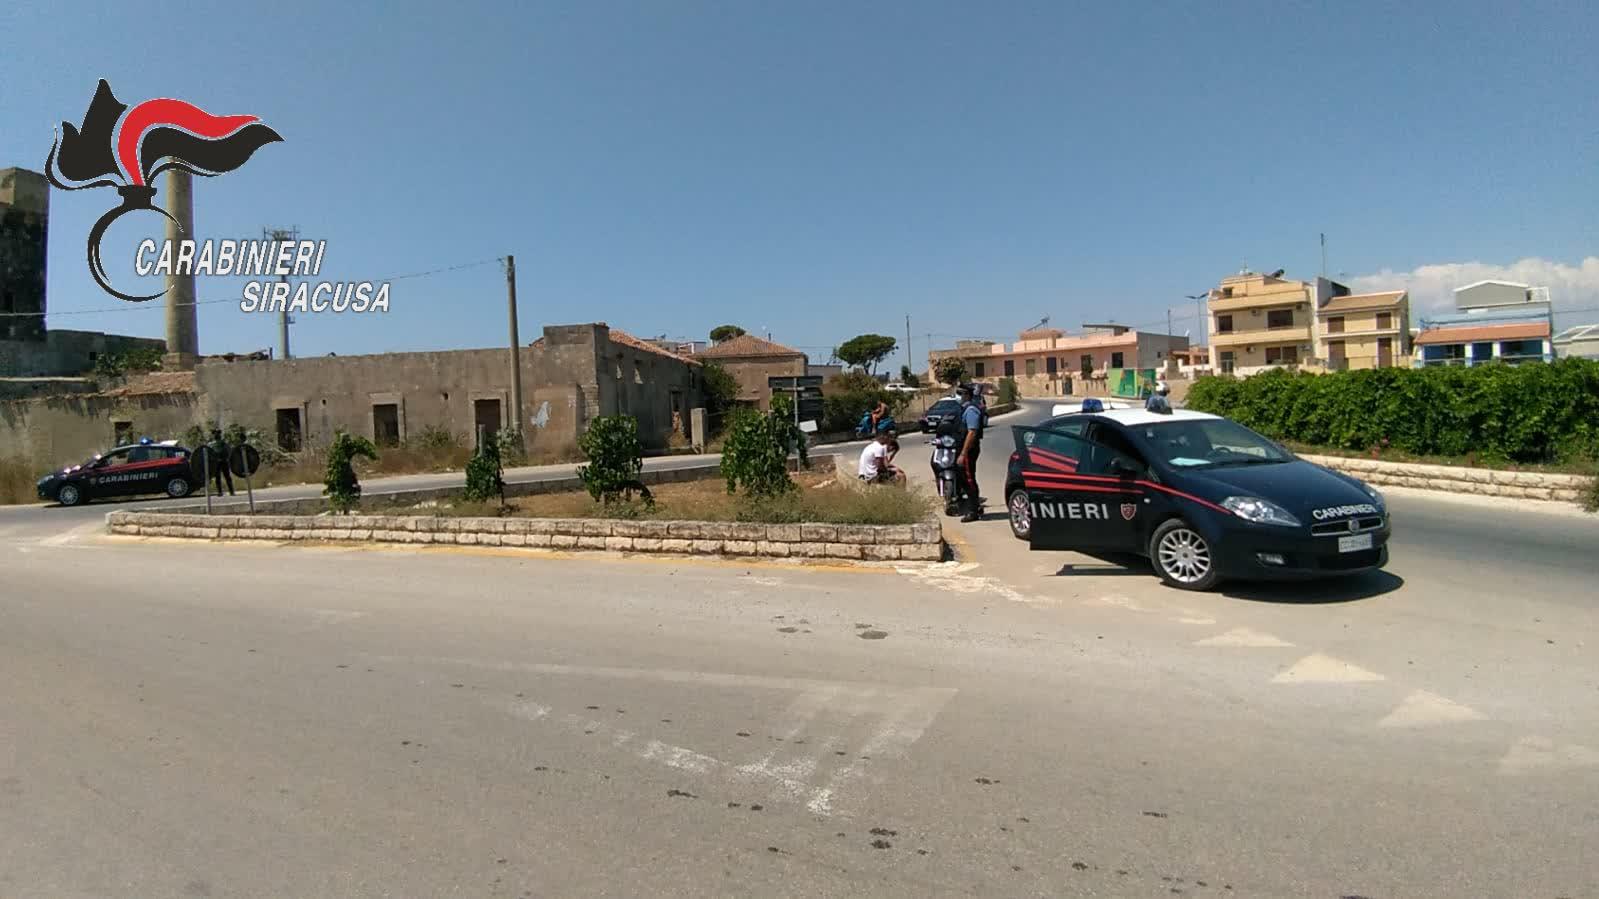 Ferragosto alle porte, aumentano i controlli dei carabinieri a Pachino e Marzamemi: 10 sanzionati per infrazioni